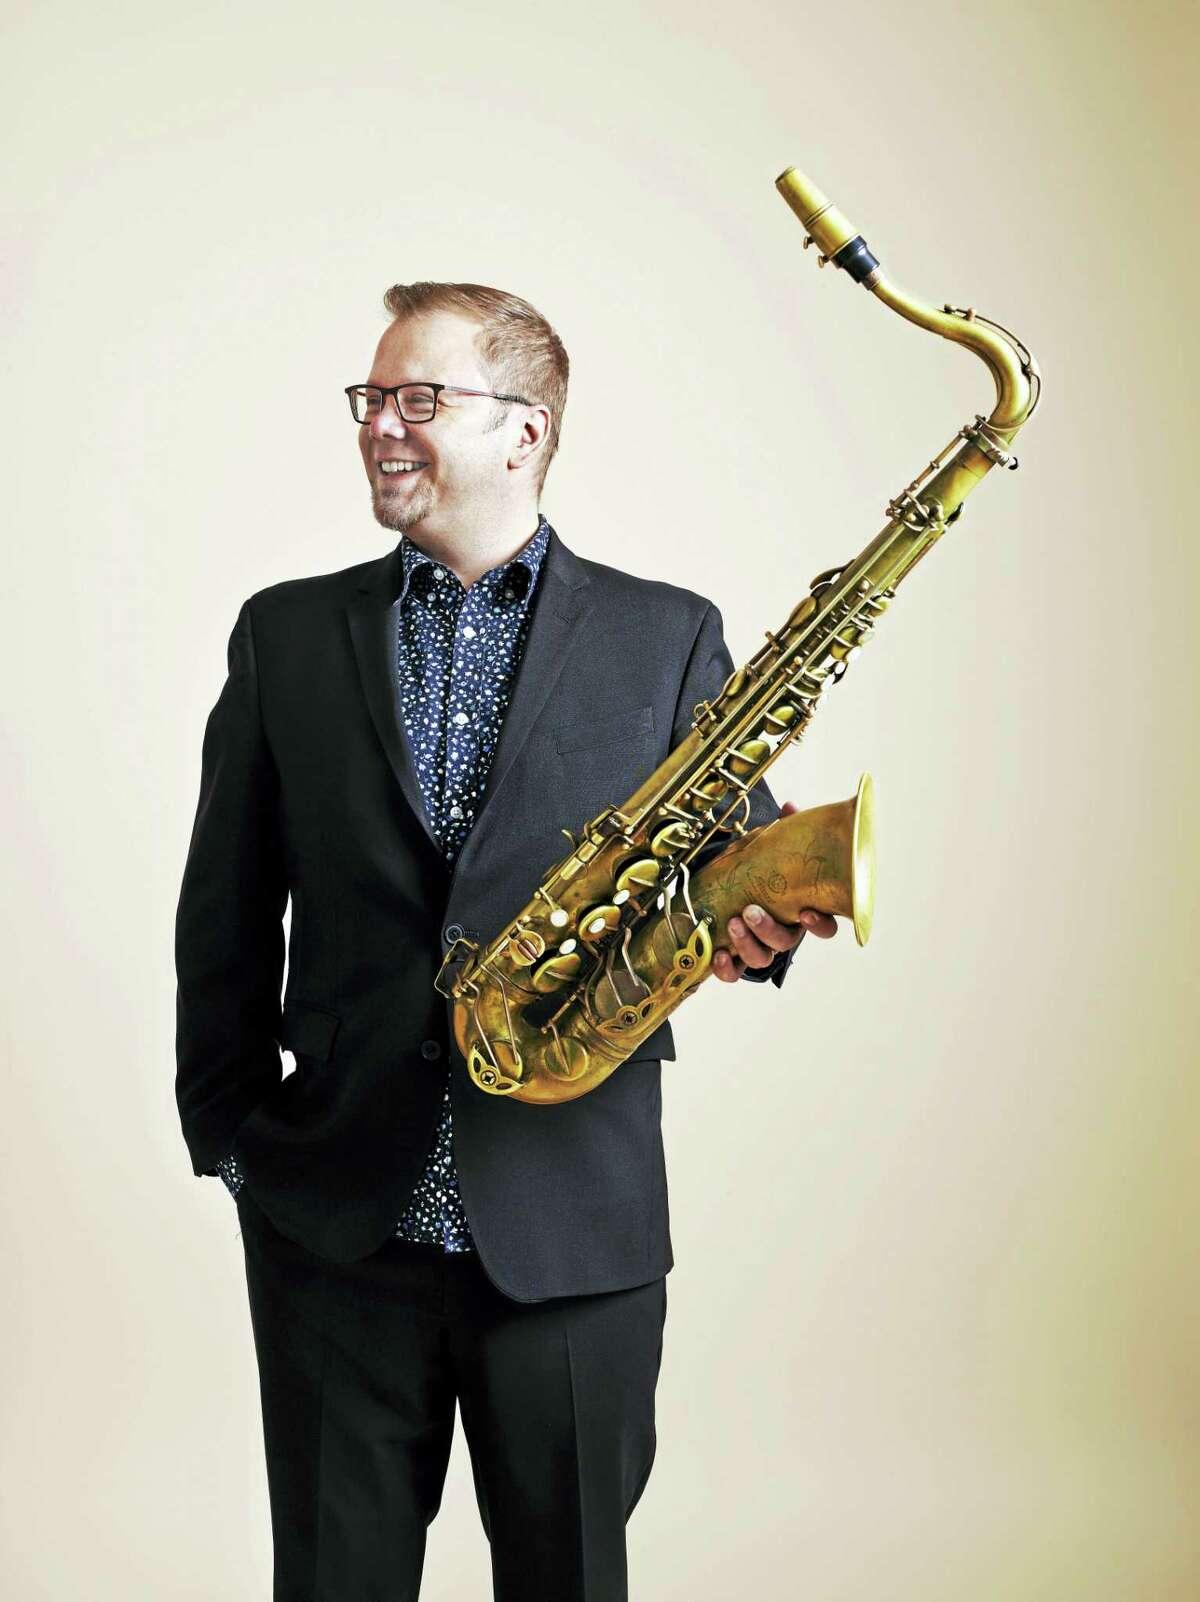 Dan Pratt and his sax.